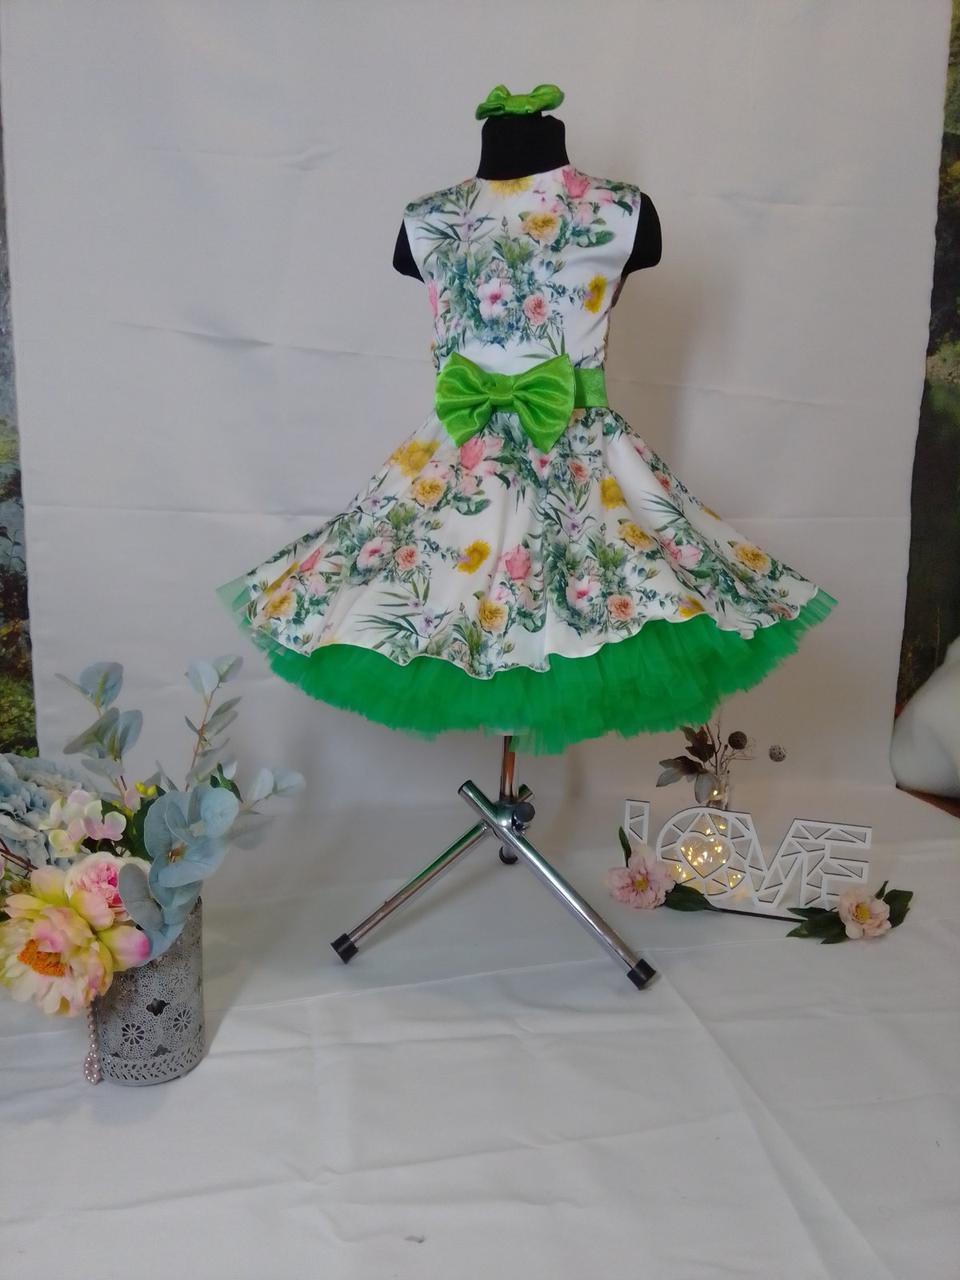 Детское платье в в цветочек с пышным подъюбником. Размер универсальный. Любые цвета и размеры.